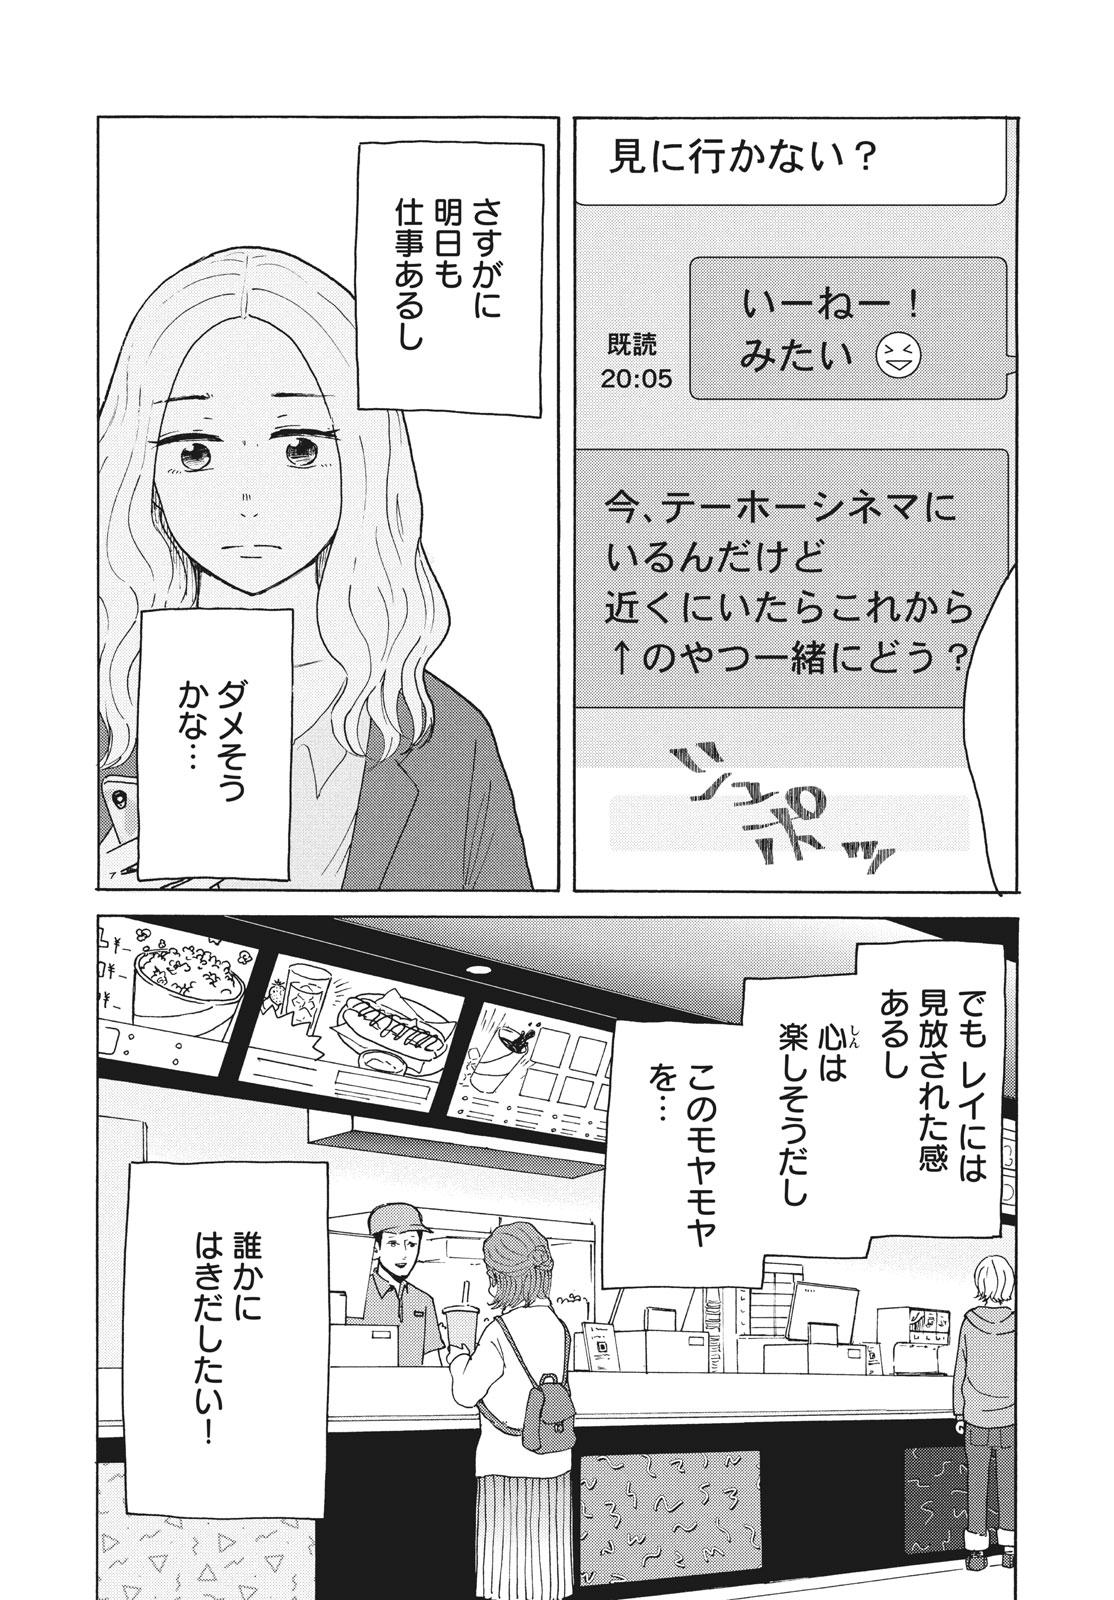 003_30日_2020_012_E.jpg